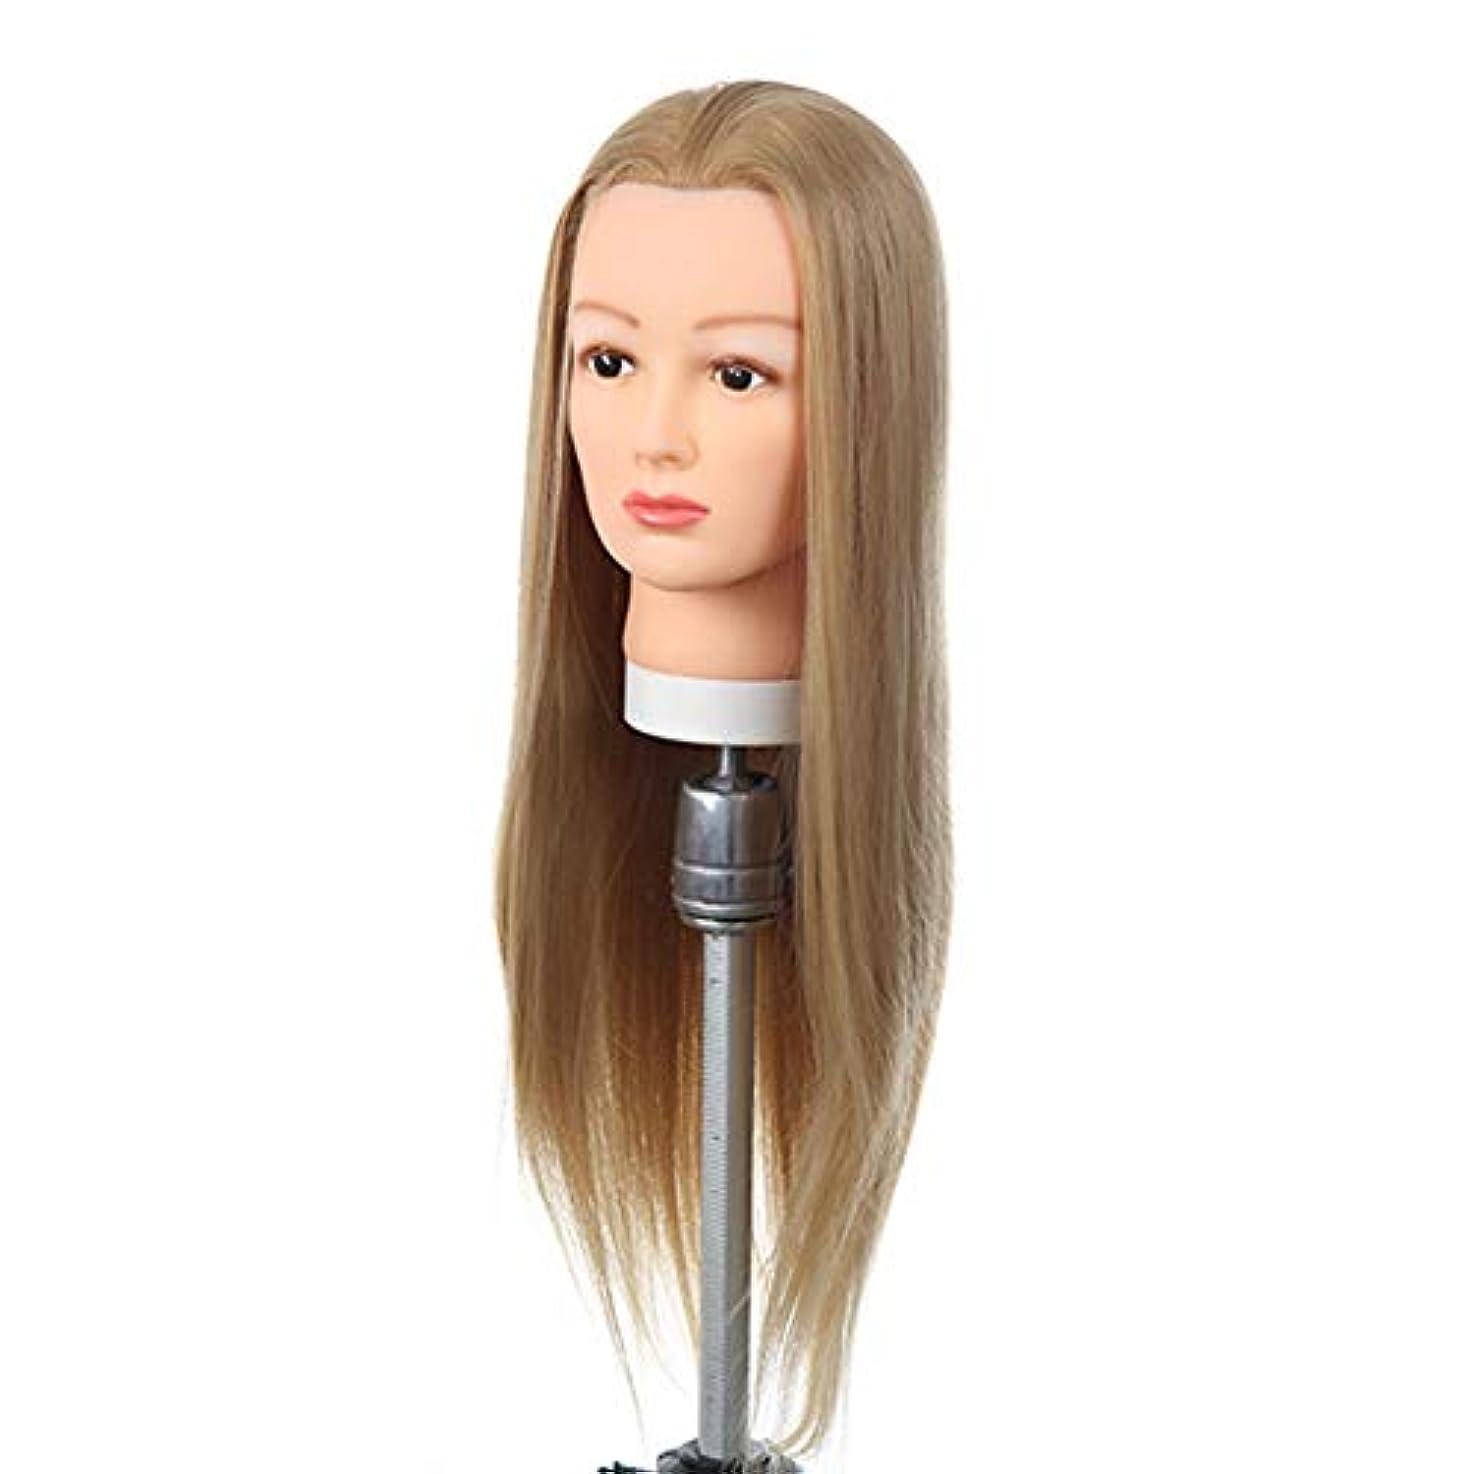 涙が出る防止ラベンダー高温シルクヘアエクササイズヘッド理髪店トリムヘアトレーニングヘッドブライダルメイクスタイリングヘアモデルダミーヘッド